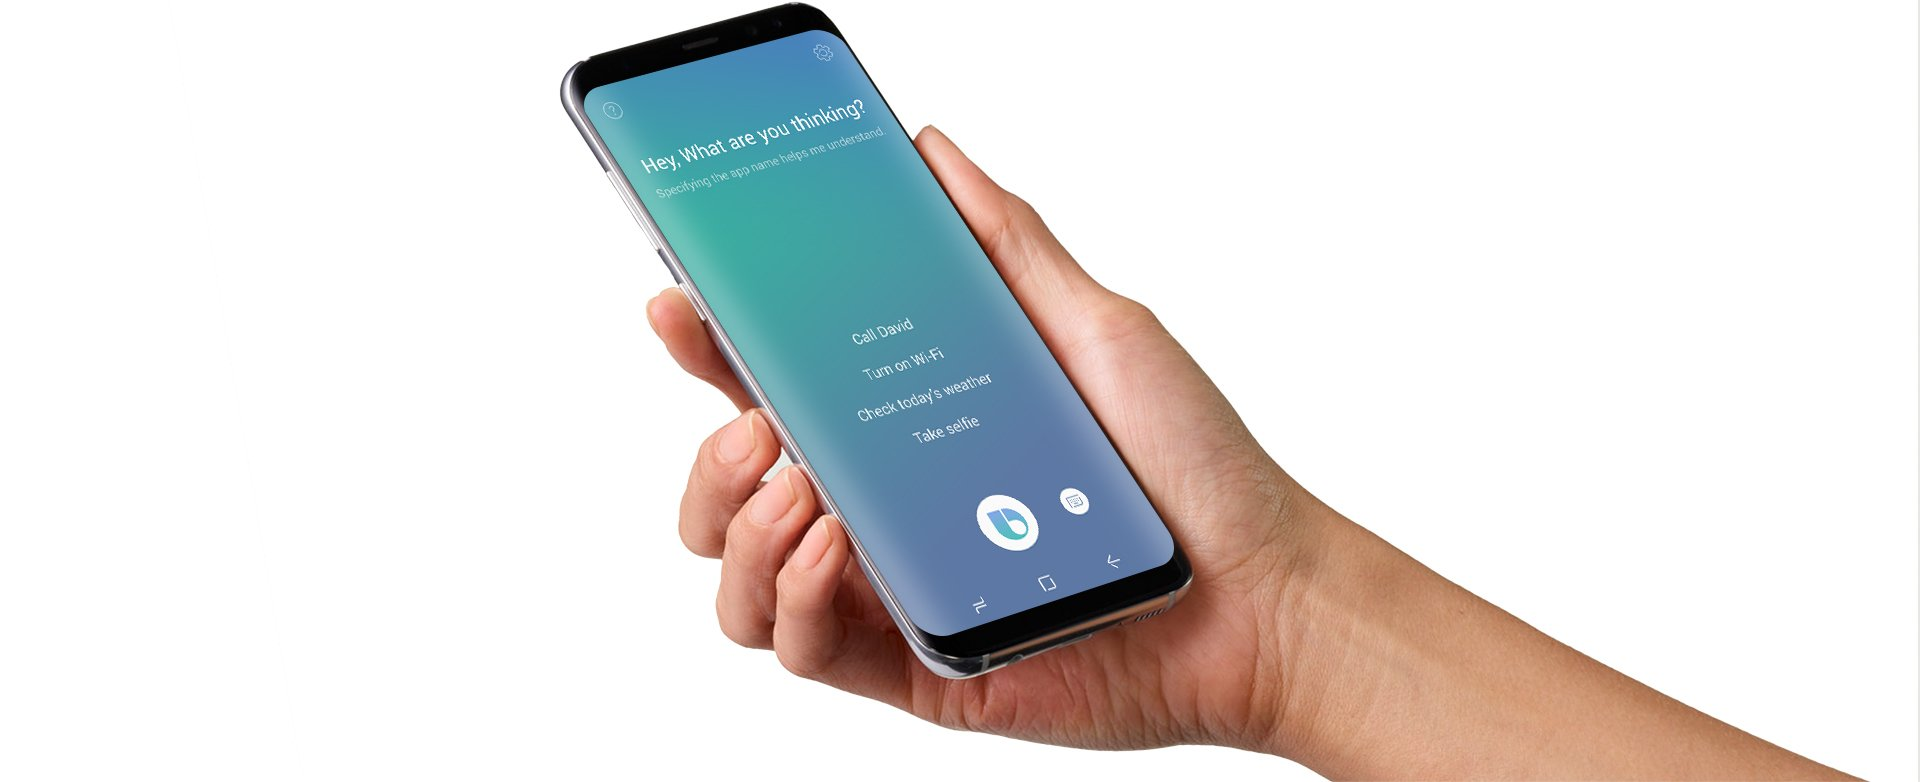 Tabletowo.pl Przycisk Bixby w Samsungu Galaxy S8 bezużyteczny nie tylko dla nas - problemy z asystentem w USA Samsung Smartfony Sztuczna Inteligencja